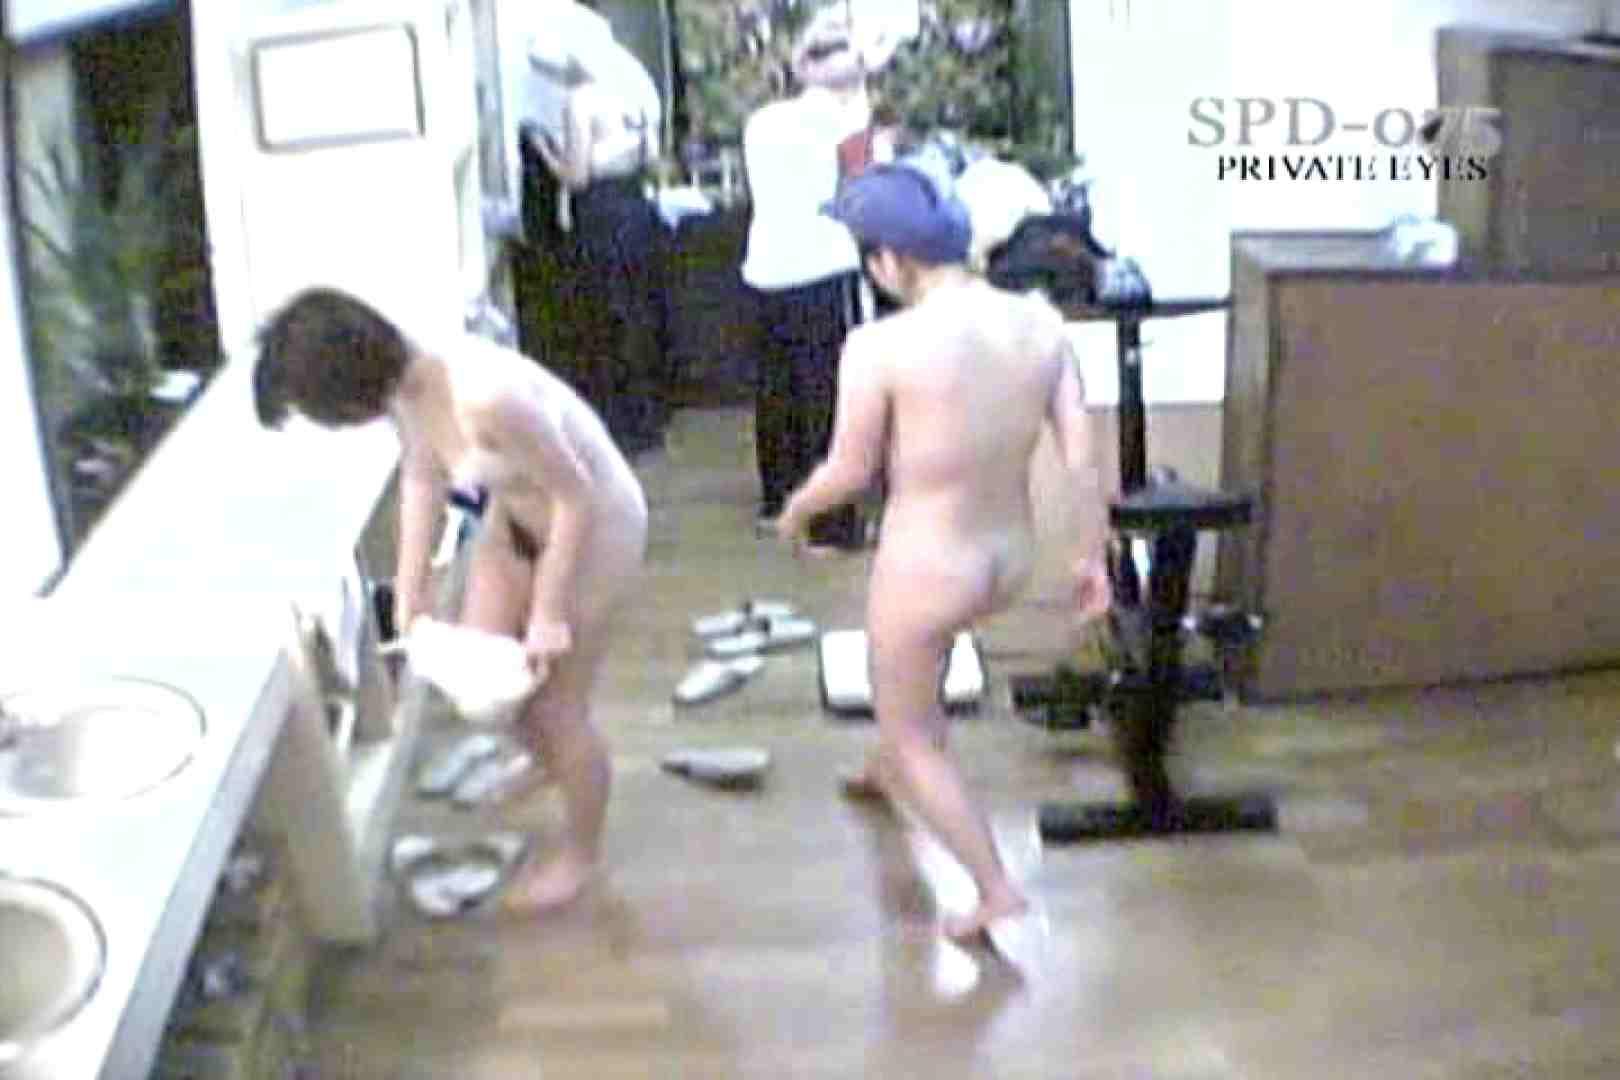 高画質版!SPD-075 脱衣所から洗面所まで 9カメ追跡盗撮 0   0  62連発 53